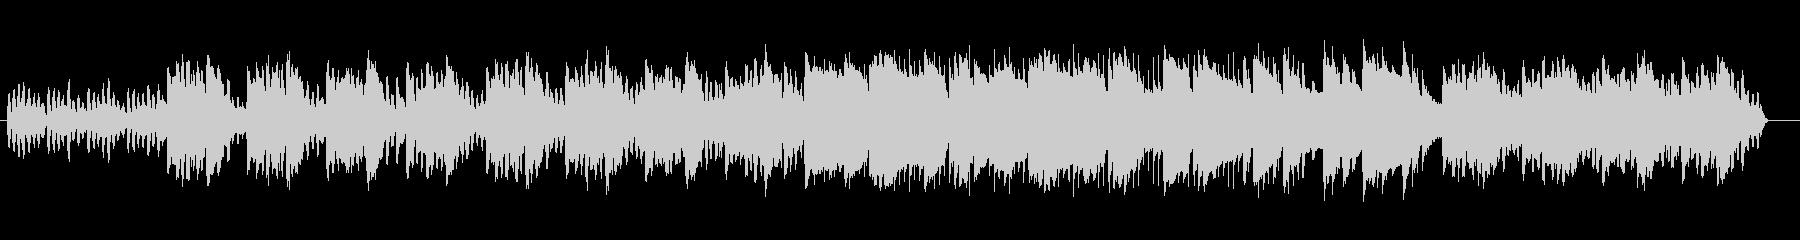 神秘的な雰囲気漂うスローテンポな曲の未再生の波形